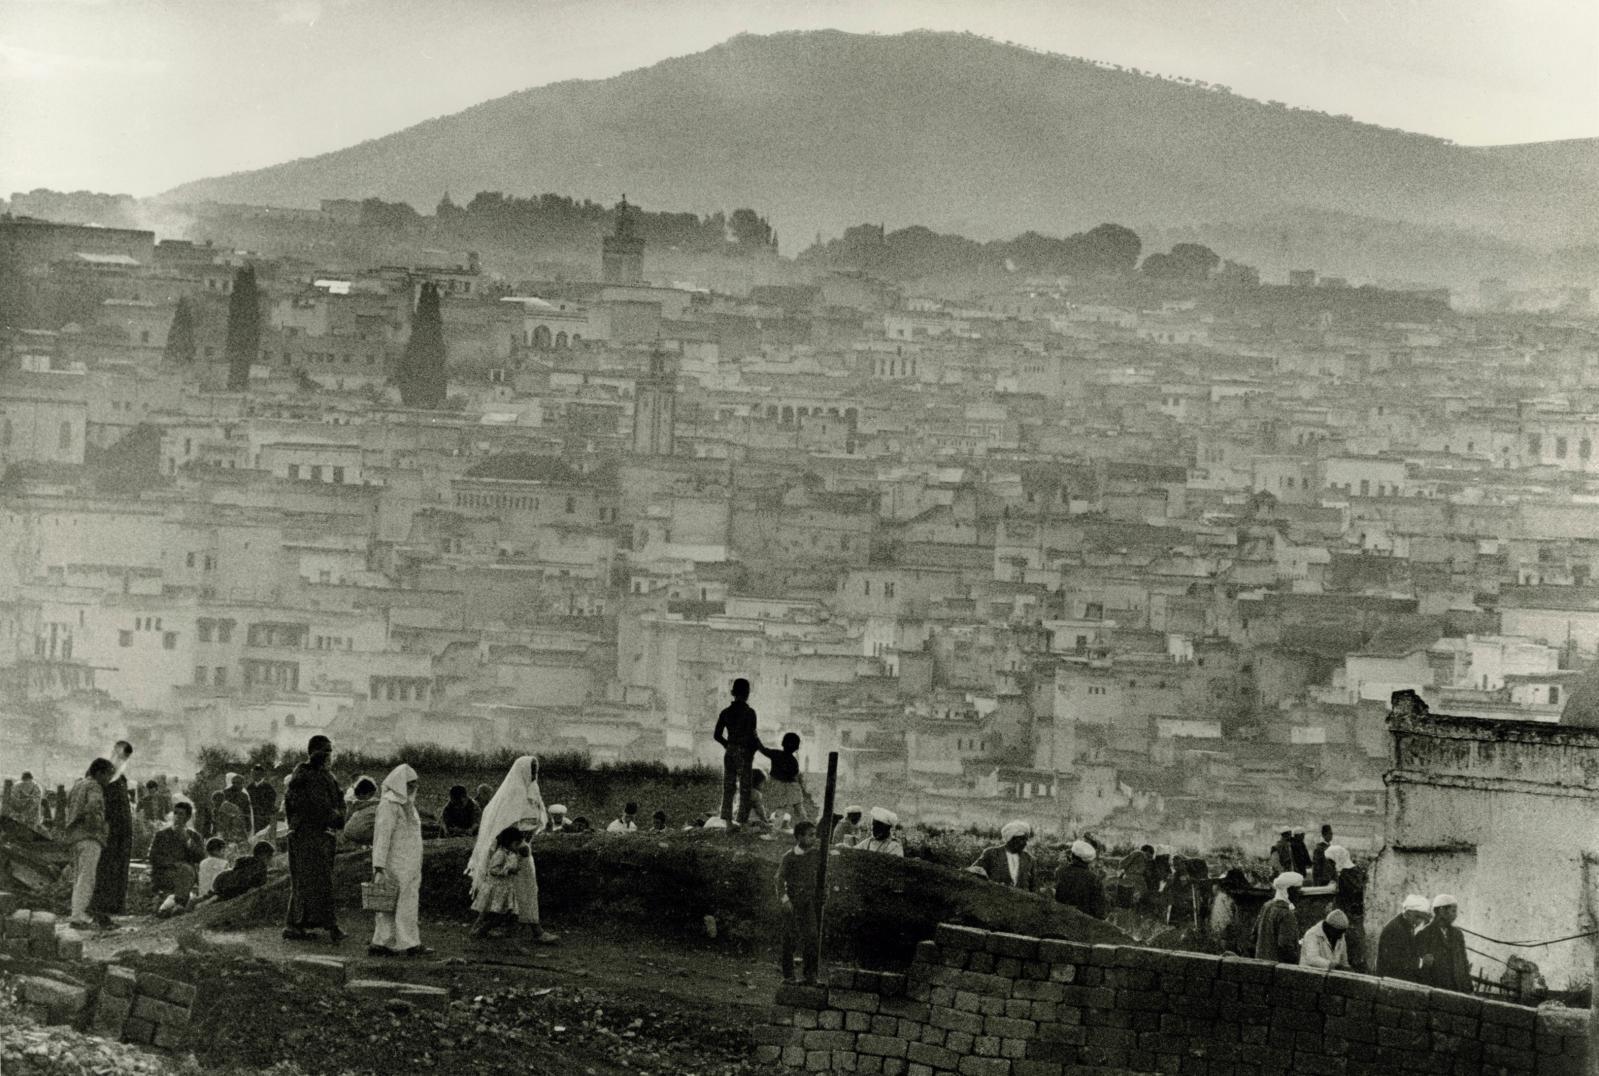 Le Soir depuis Bab Ftouh, Fès, 1969, tirage argentique vers 1990, 37,8x56,2cm. Estimation: 1200/1500€